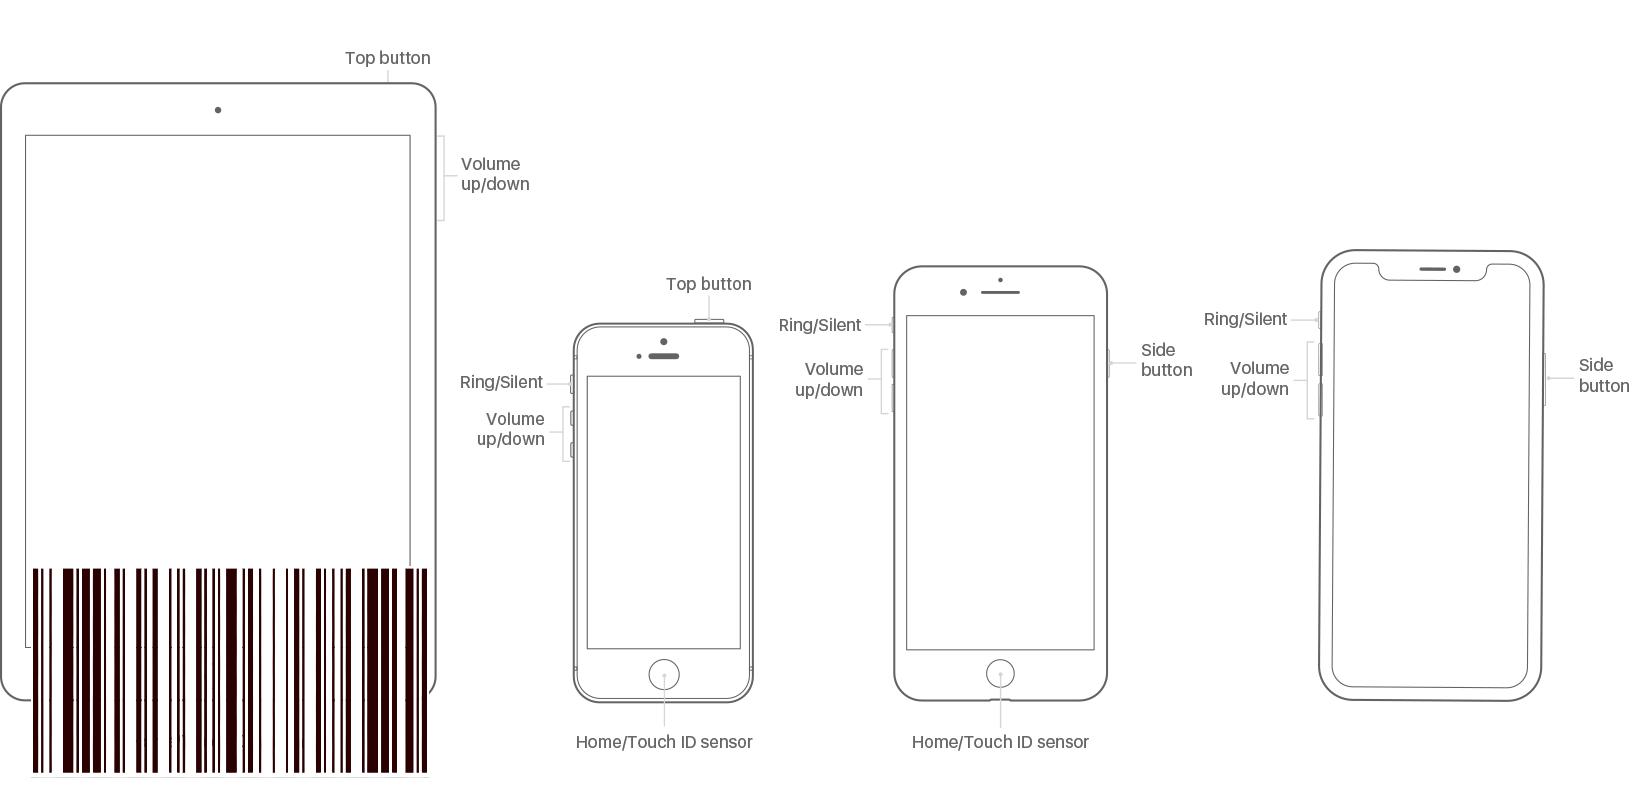 إجابات MM: هل من الممكن أن يكون هناك تمايز في نغمات الرنين ولوحة المفاتيح وإعدادات حجم الإشعارات على iOS؟